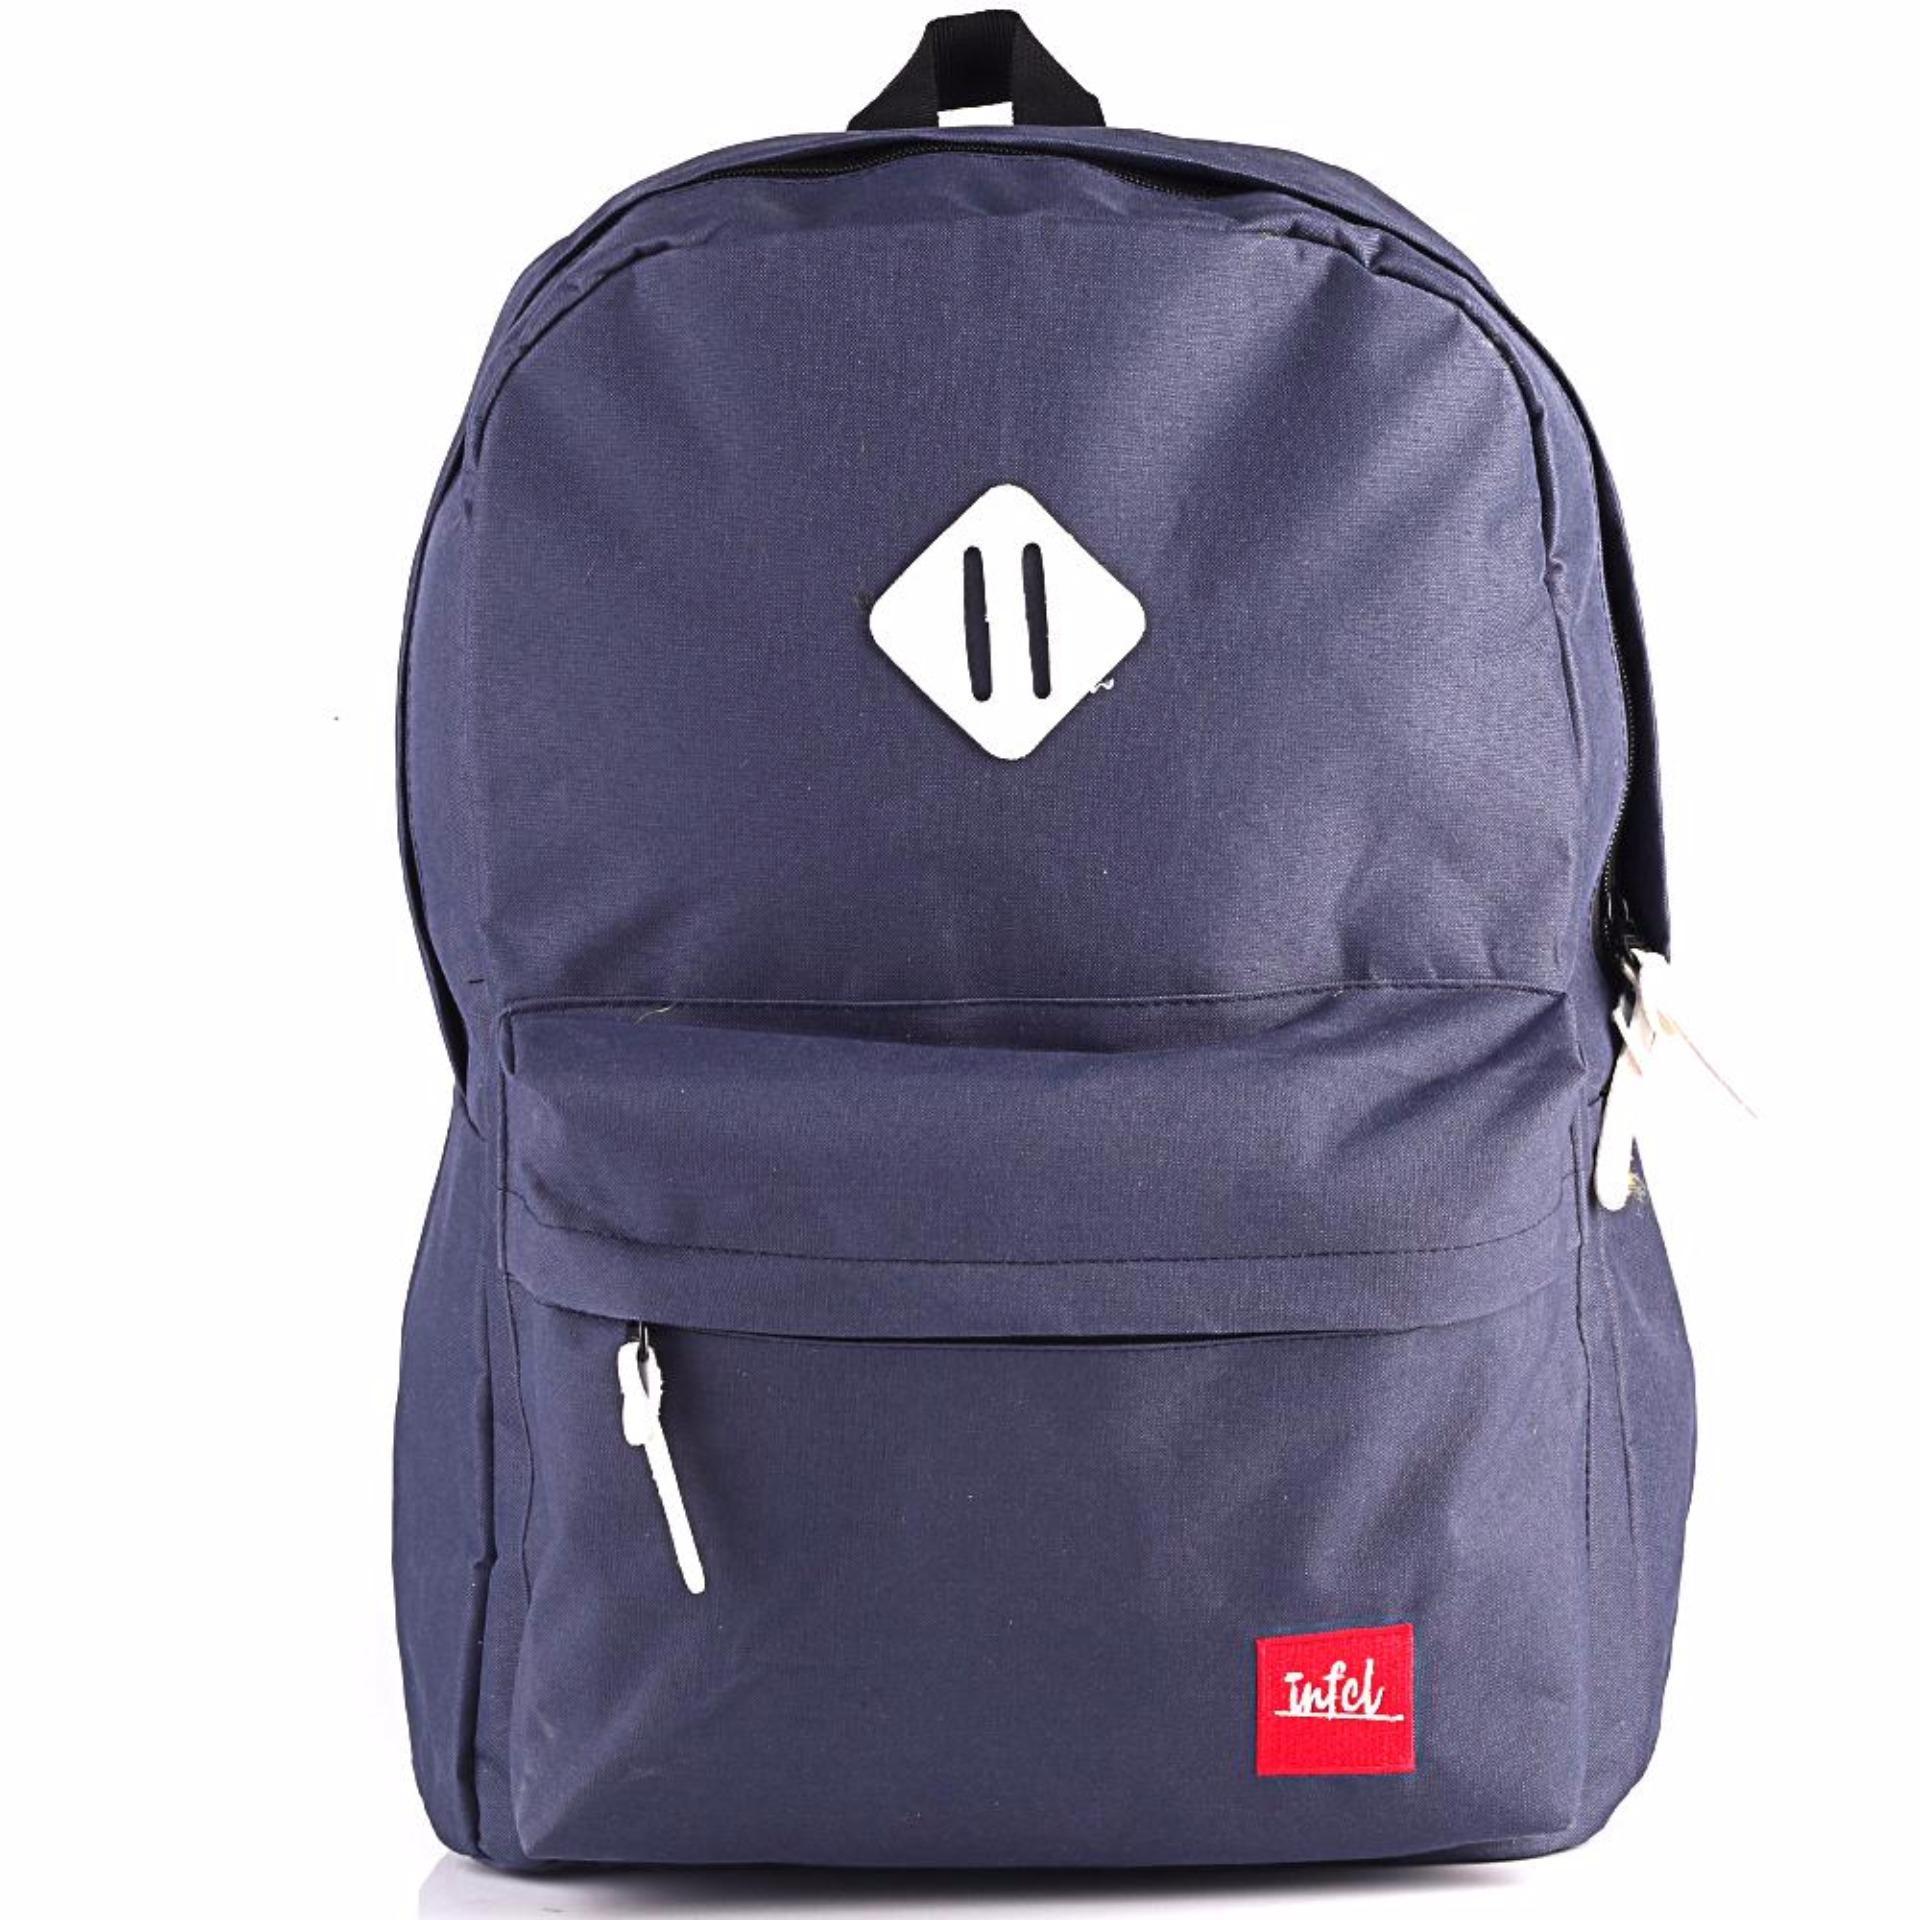 Promo Tas Ransel / Backpack / laptop Pria Wanita biru Inficlo SRU 289 FashionIDR237400. Rp